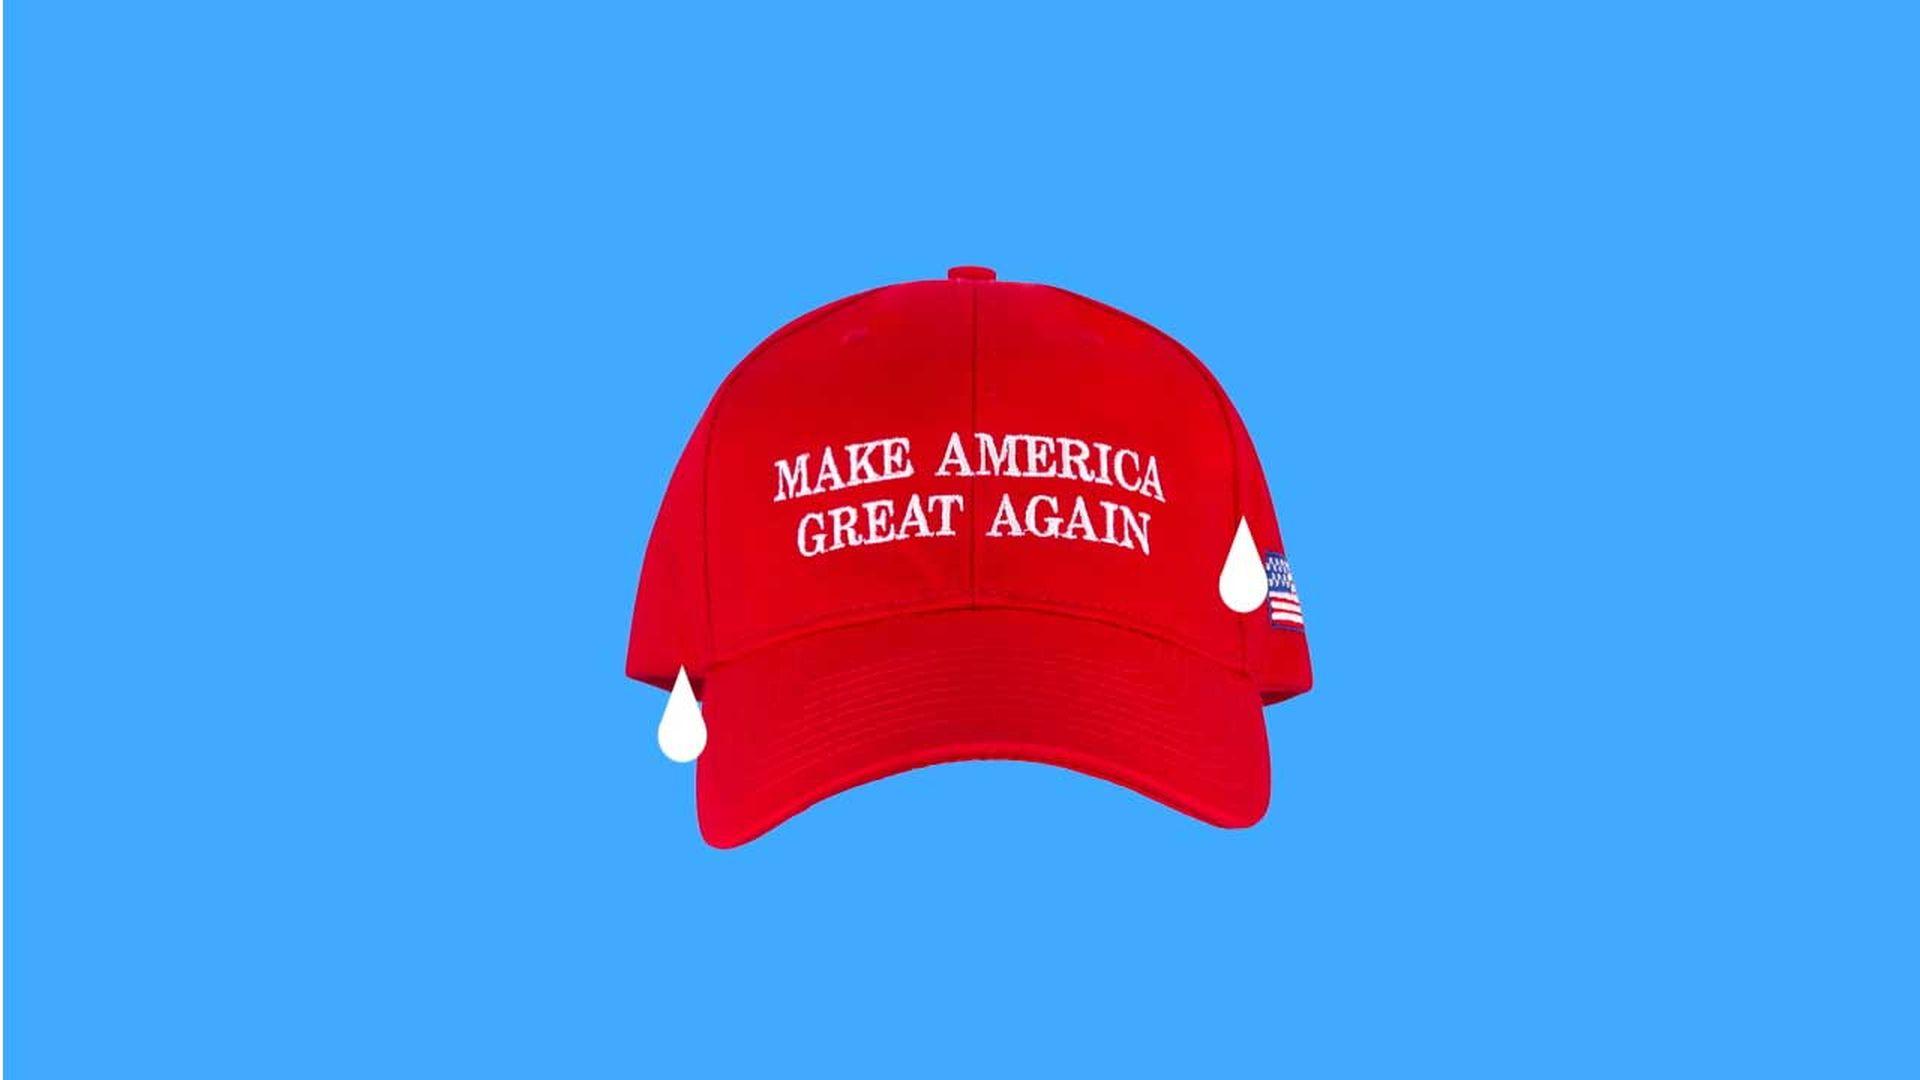 cb0974826 The 2020 Democrats Trumpworld fears most - Axios